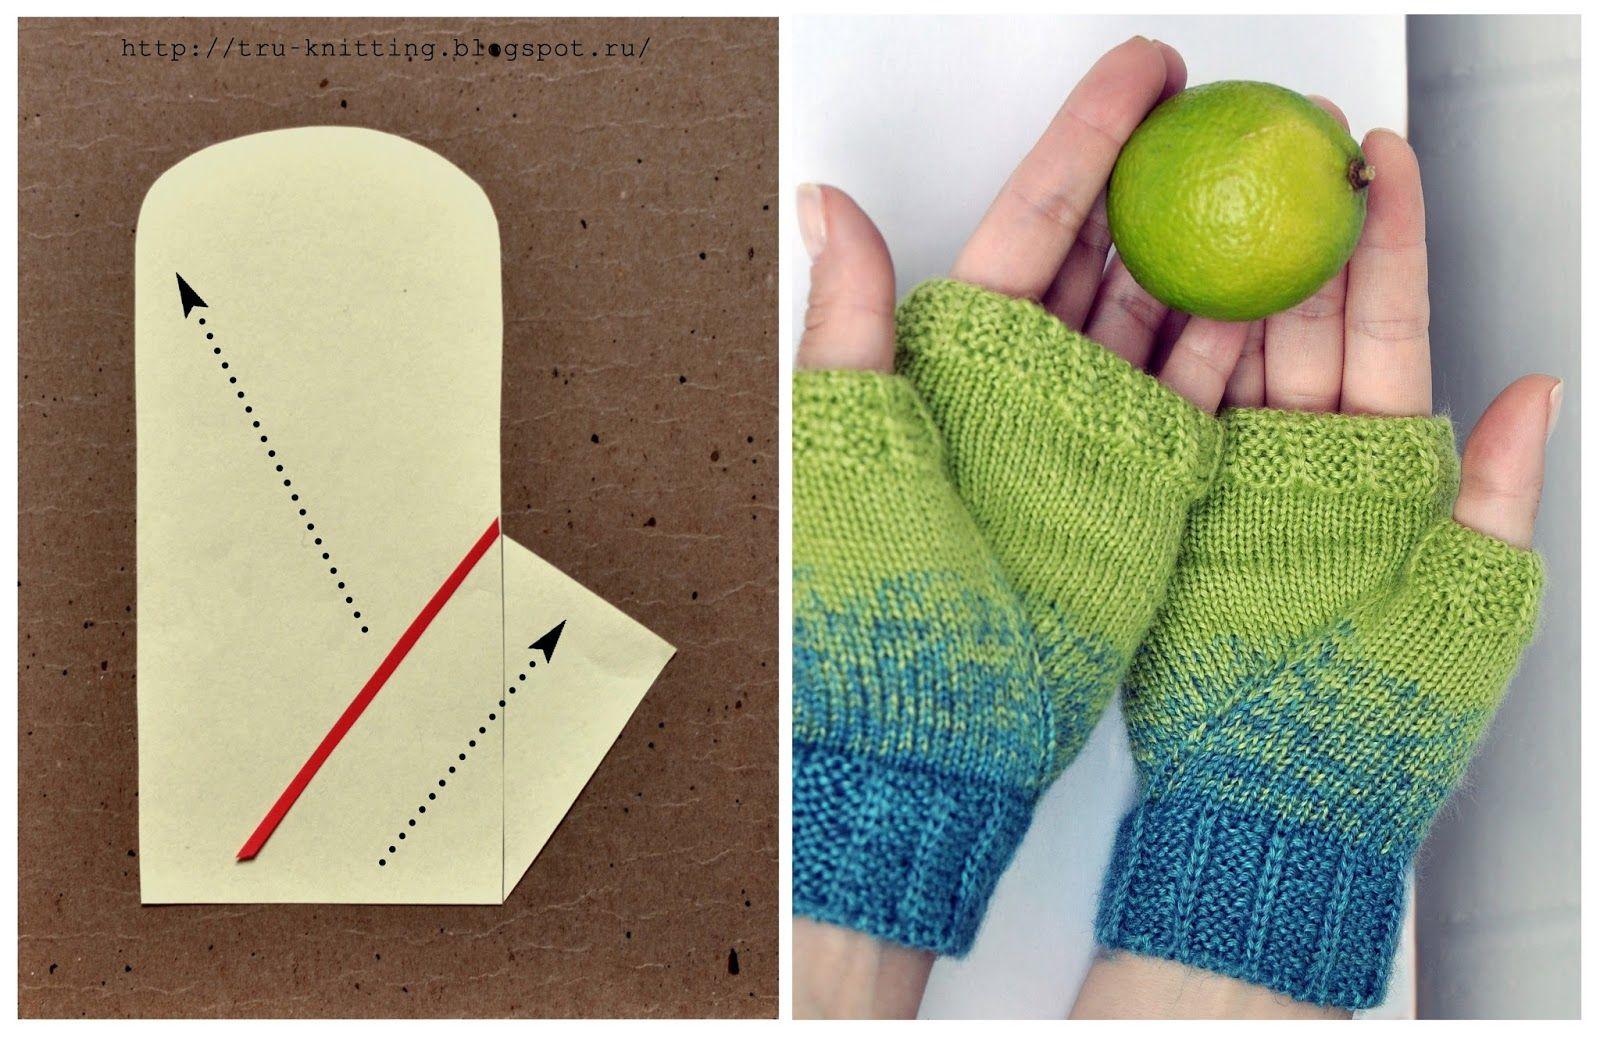 Третья часть цикла о вязании большого пальца.